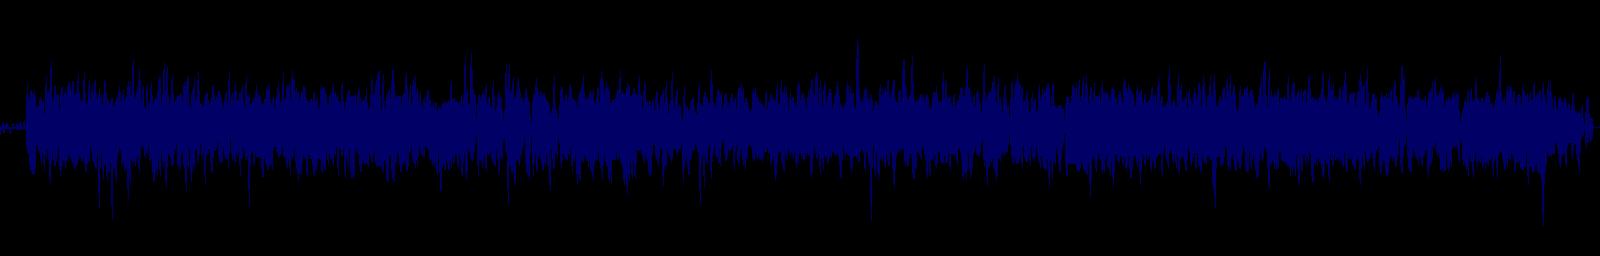 waveform of track #158927